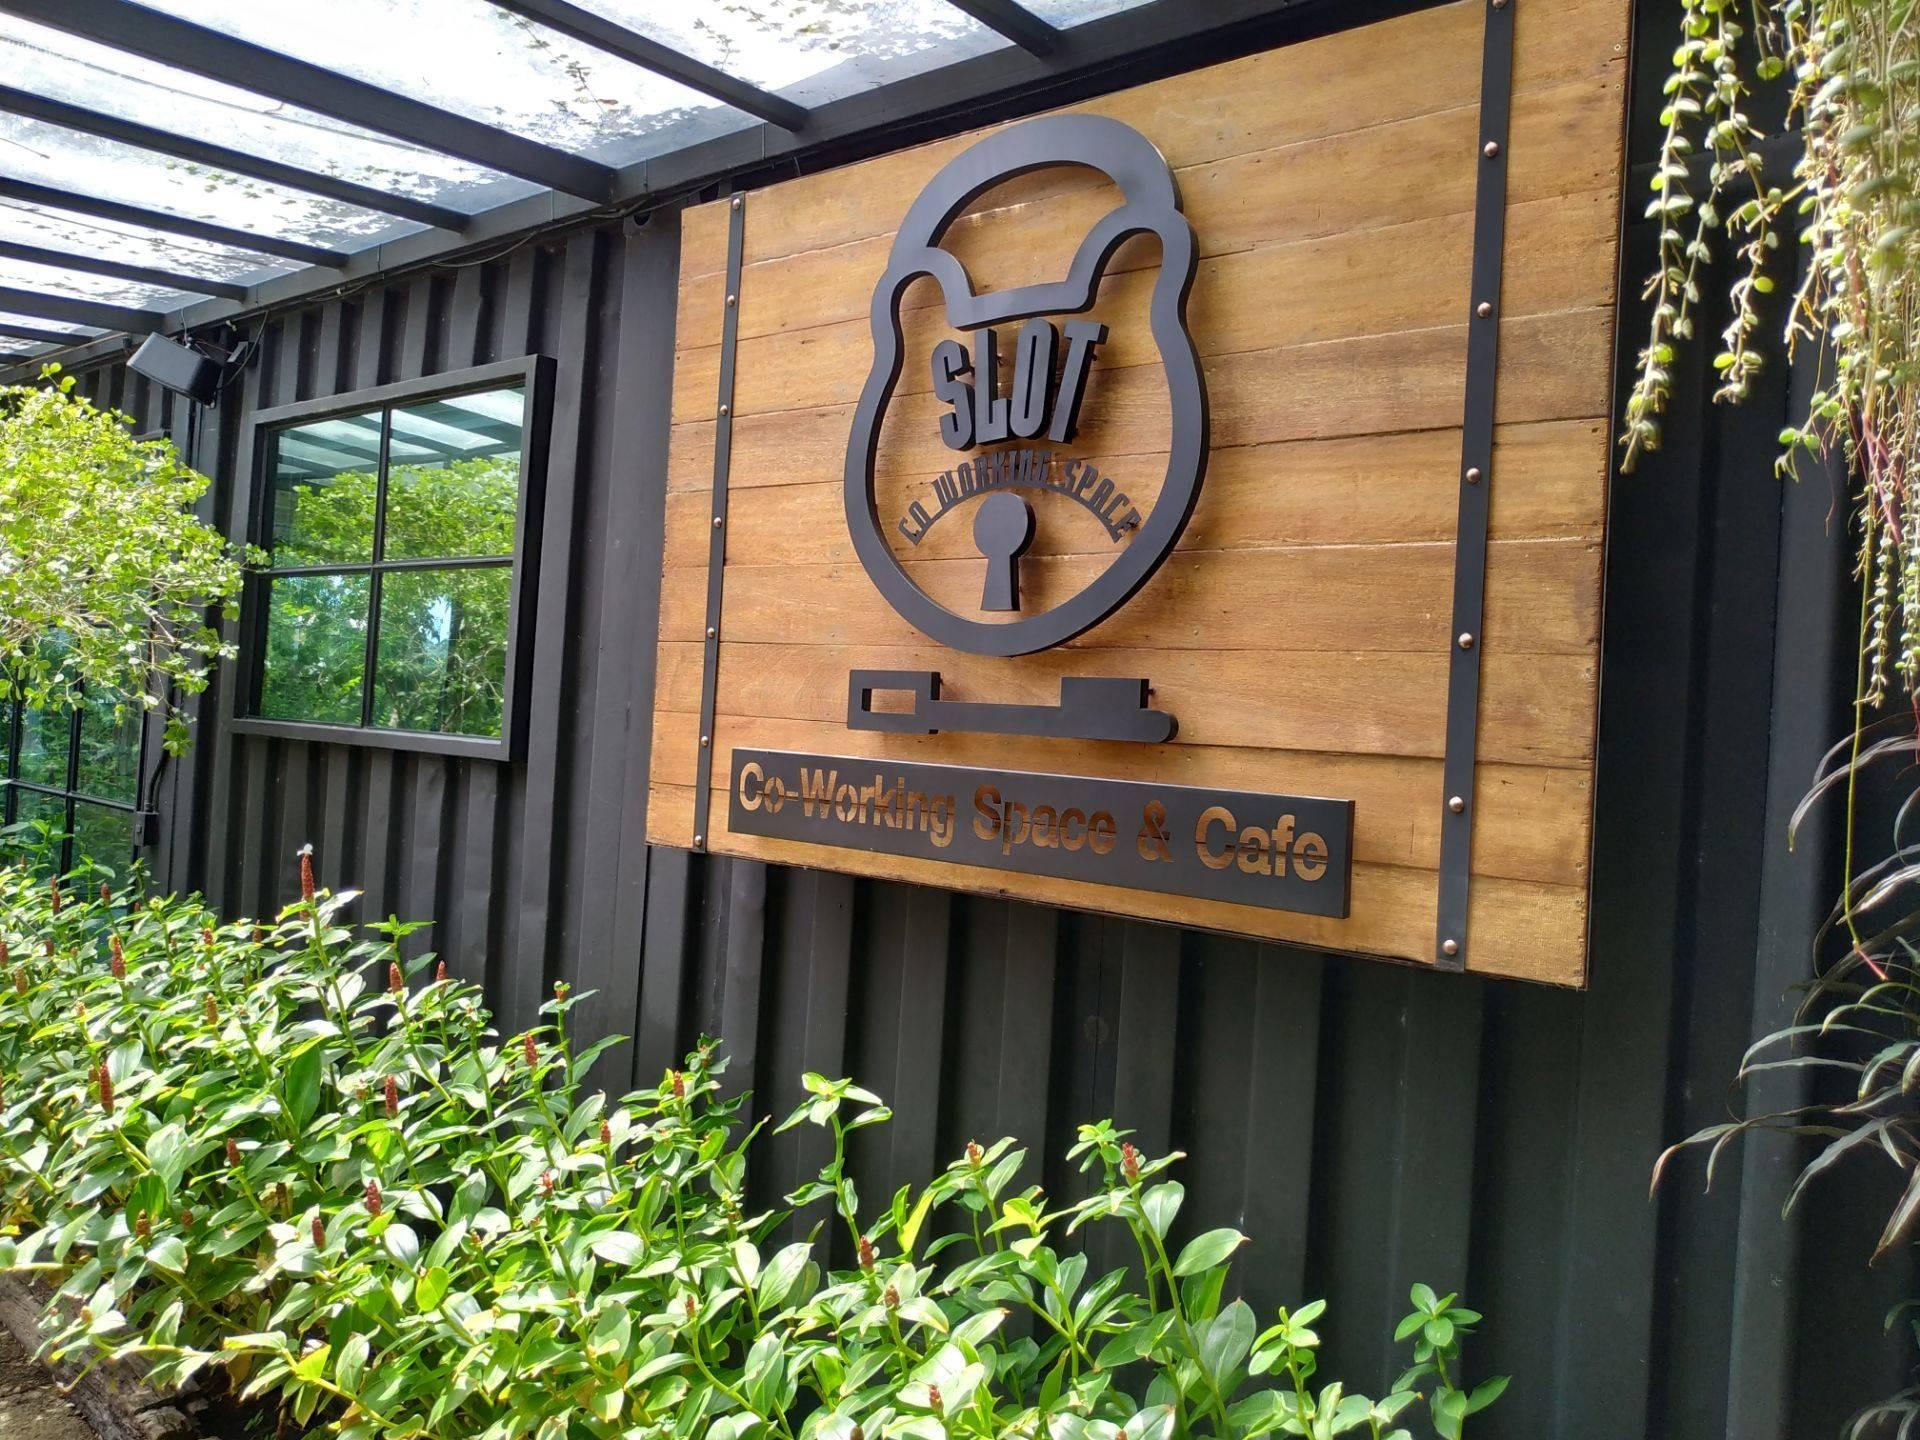 รีวิว Slot Co Working Space & Cafe - ร้านกาแฟ พื้นที่ใช้งานกว้าง  เหมาะกับการพักผ่อน หรือนัดหมายคุยงาน บรรยากาศดี มุมถ่ายรูปสวยๆ ร้านสะอาดดี  - Wongnai